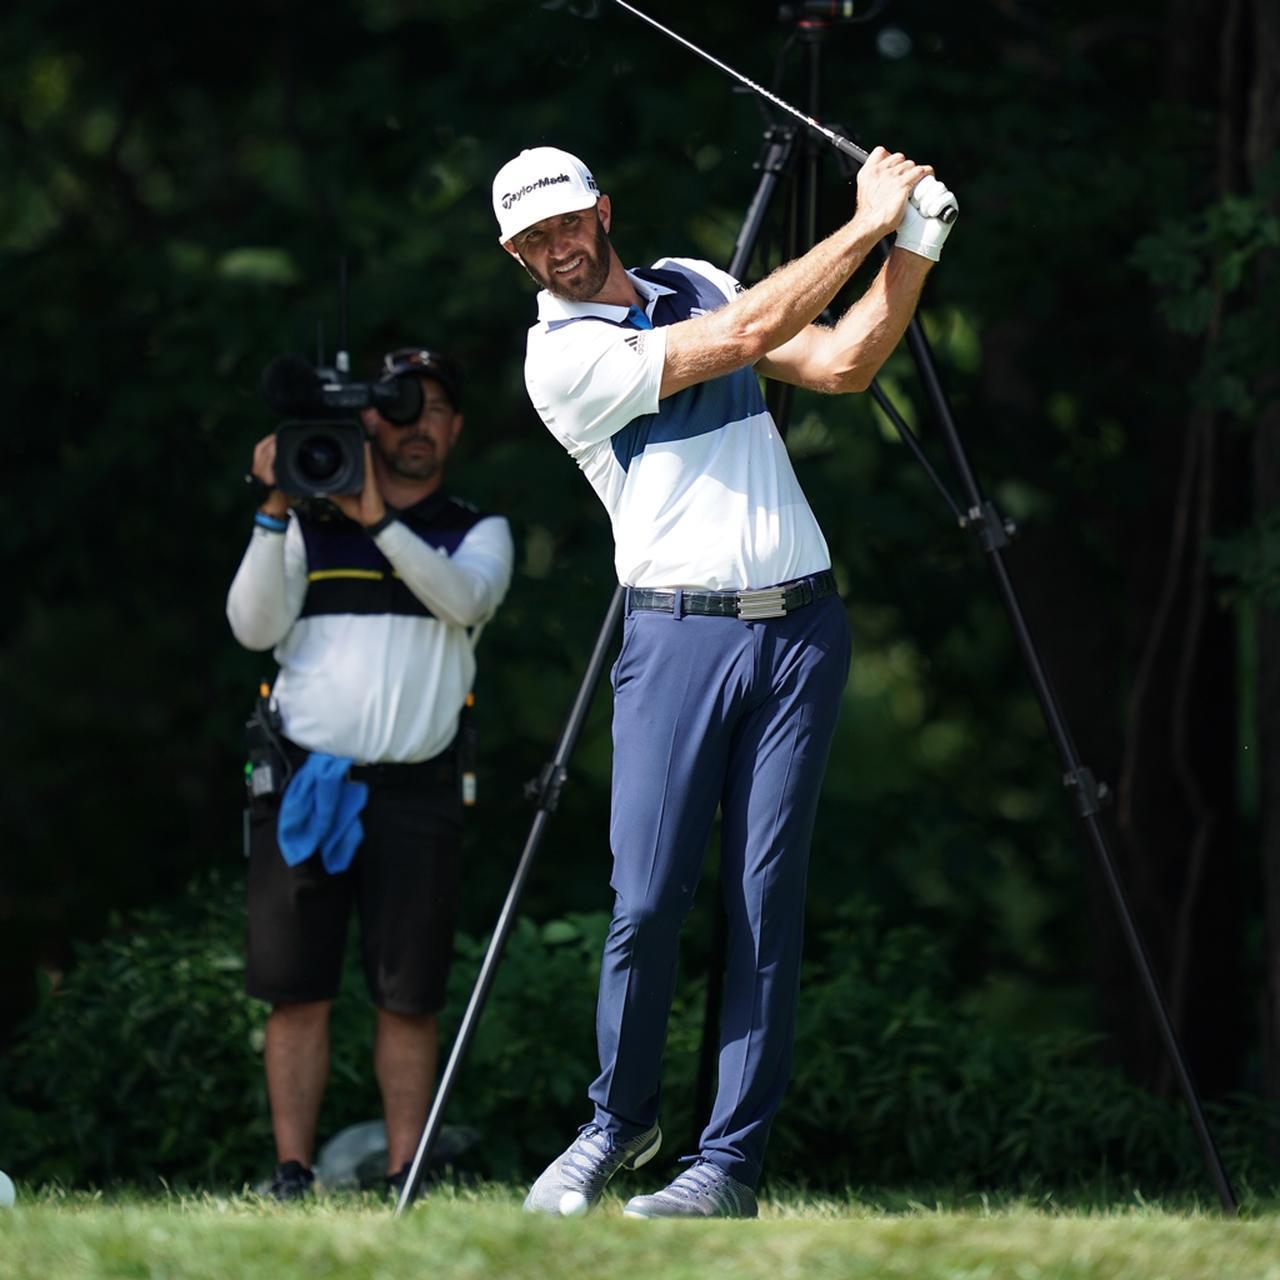 画像: プロもショット前に「自分用のチェックポイント」を確認している(写真は2018年の全米プロゴルフ選手権)